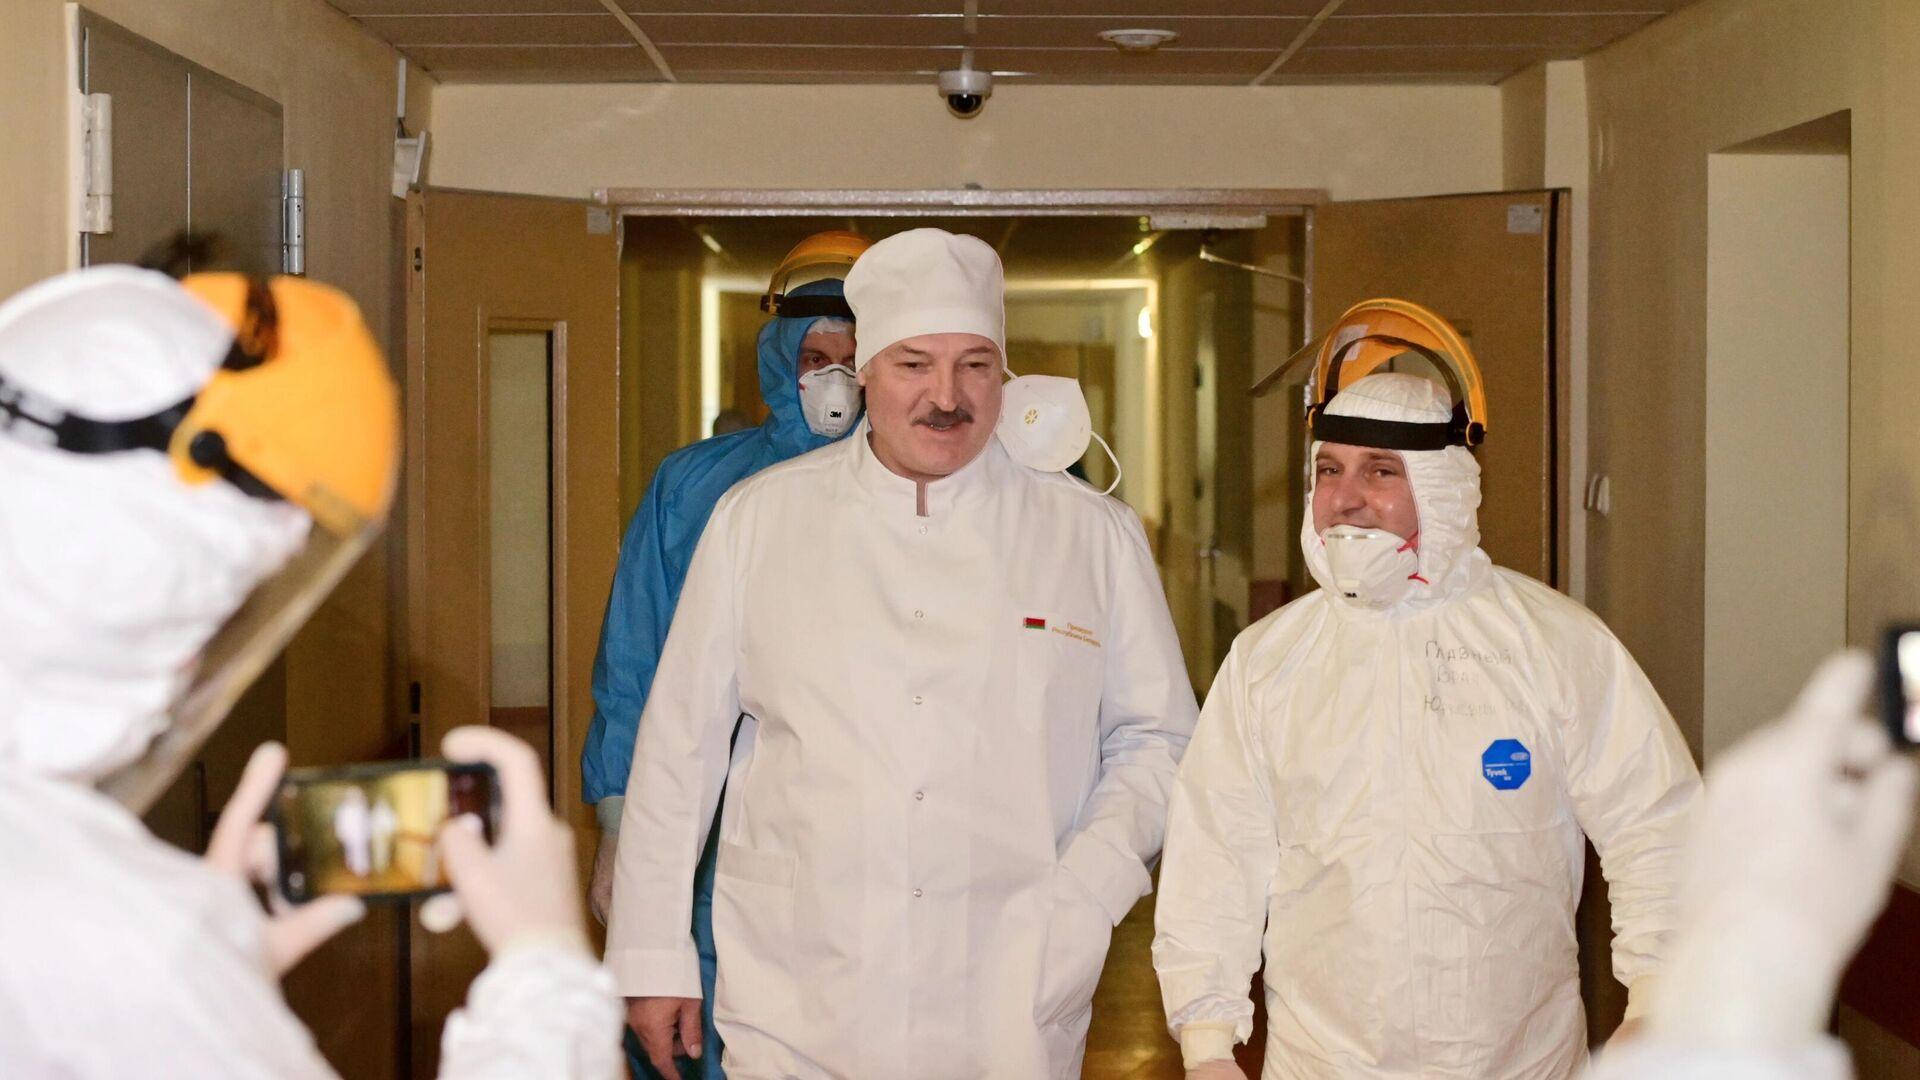 Президент Белоруссии Александр Лукашенко во время посещения 6-й городской клинической больницы Минска - РИА Новости, 1920, 27.11.2020